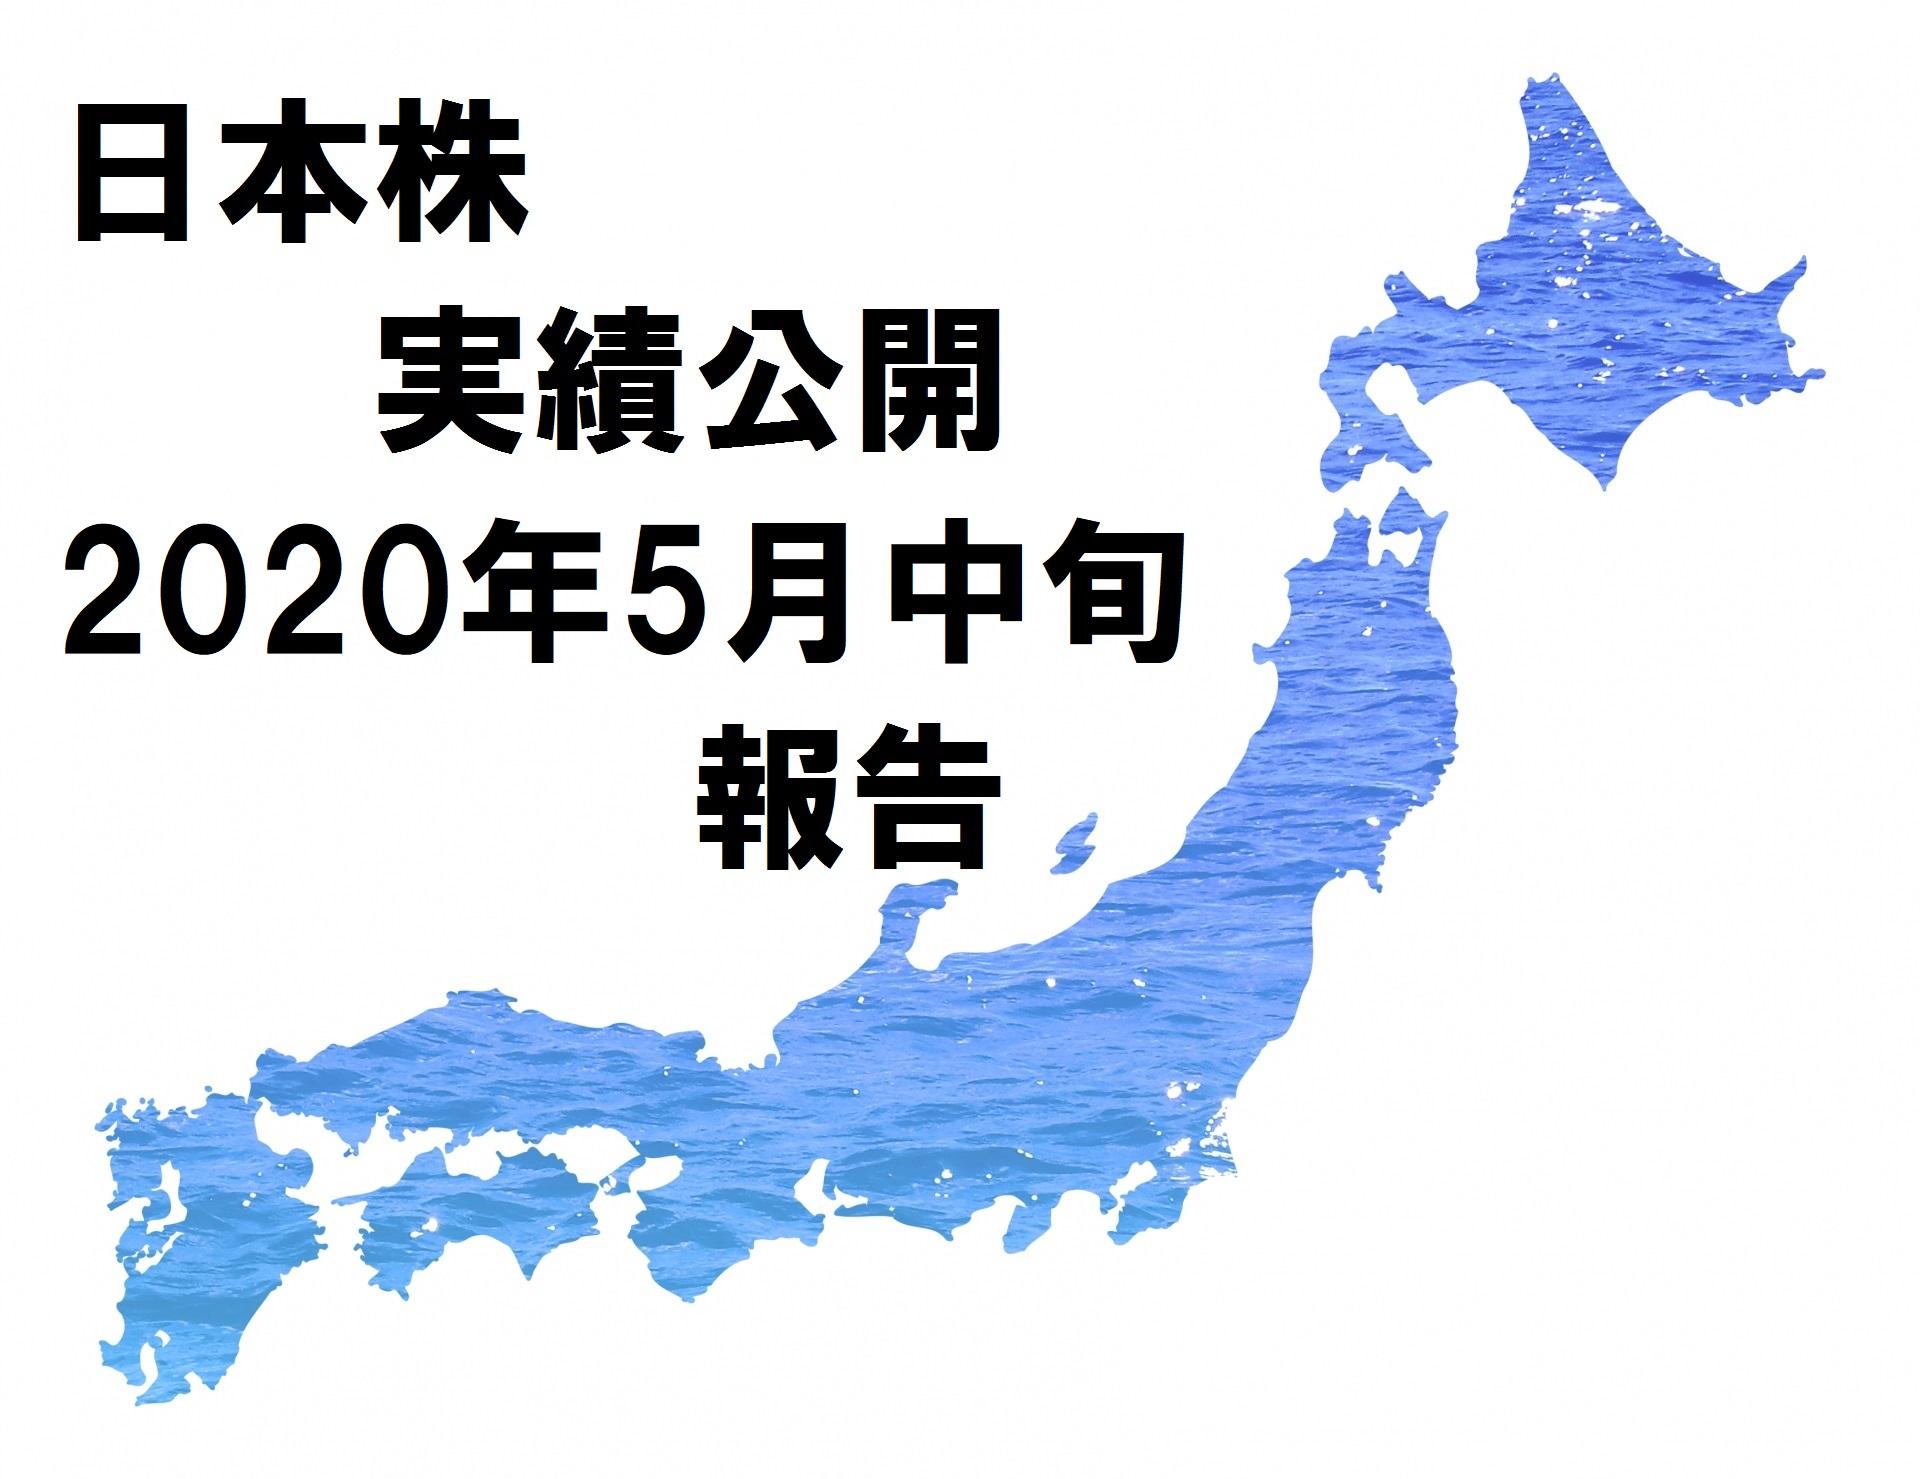 2020年5月中旬時点での日本株実績報告(日経平均2万円前後をふらふらしながら2番底探し